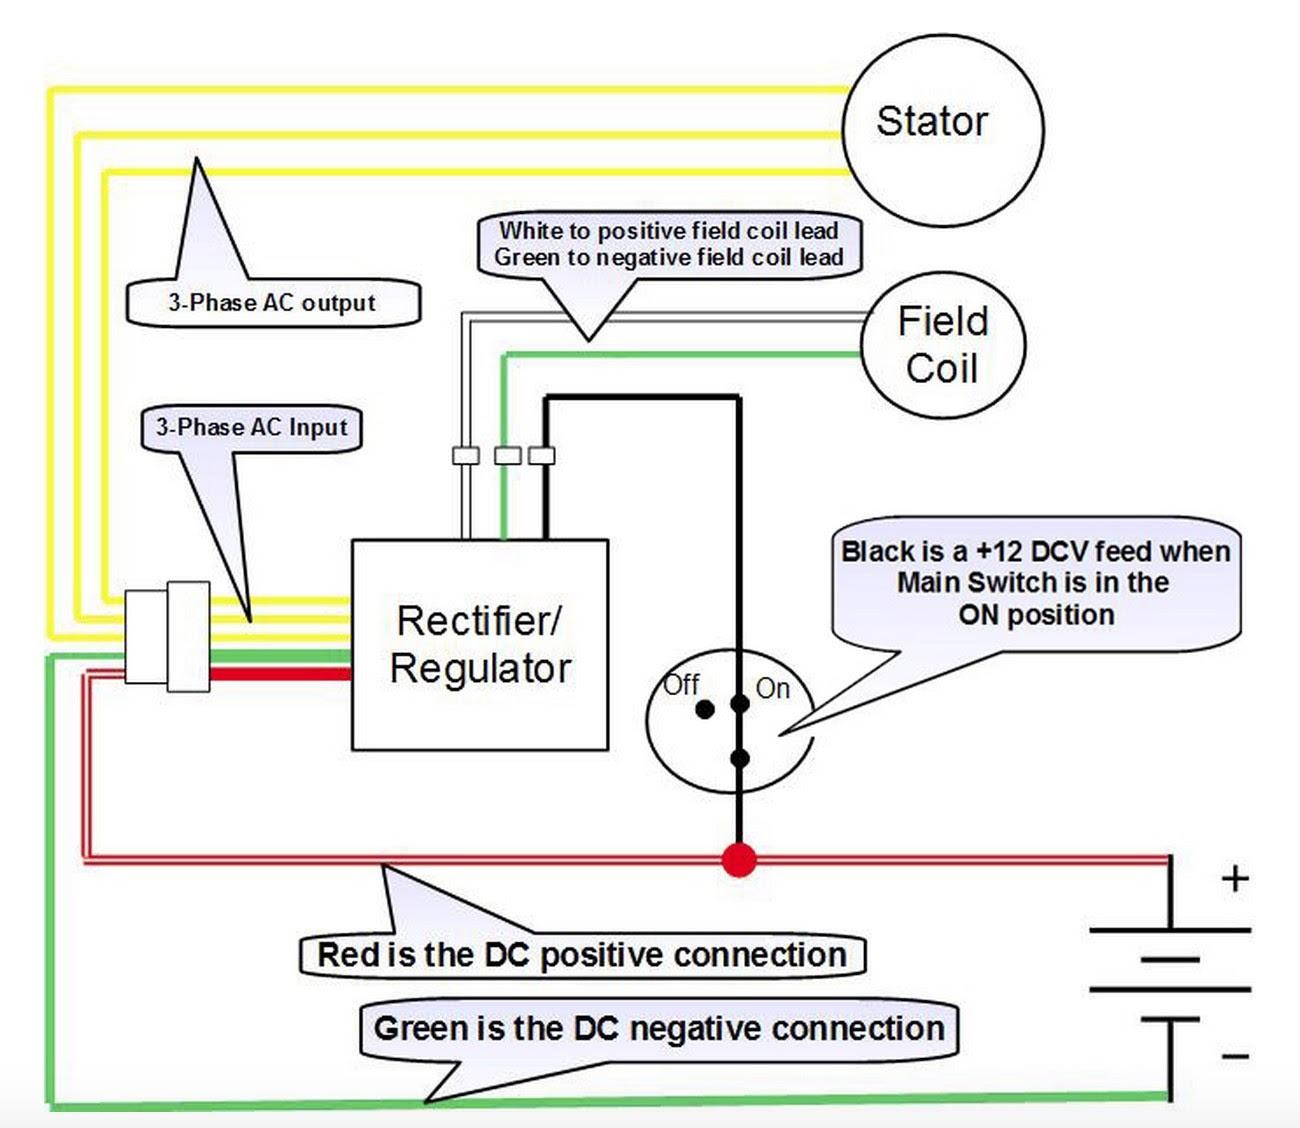 Diagram Harley Davidson Inte Wiring Diagram Full Version Hd Quality Wiring Diagram Diagramania1 Hotel Du Commerce Auriol Fr